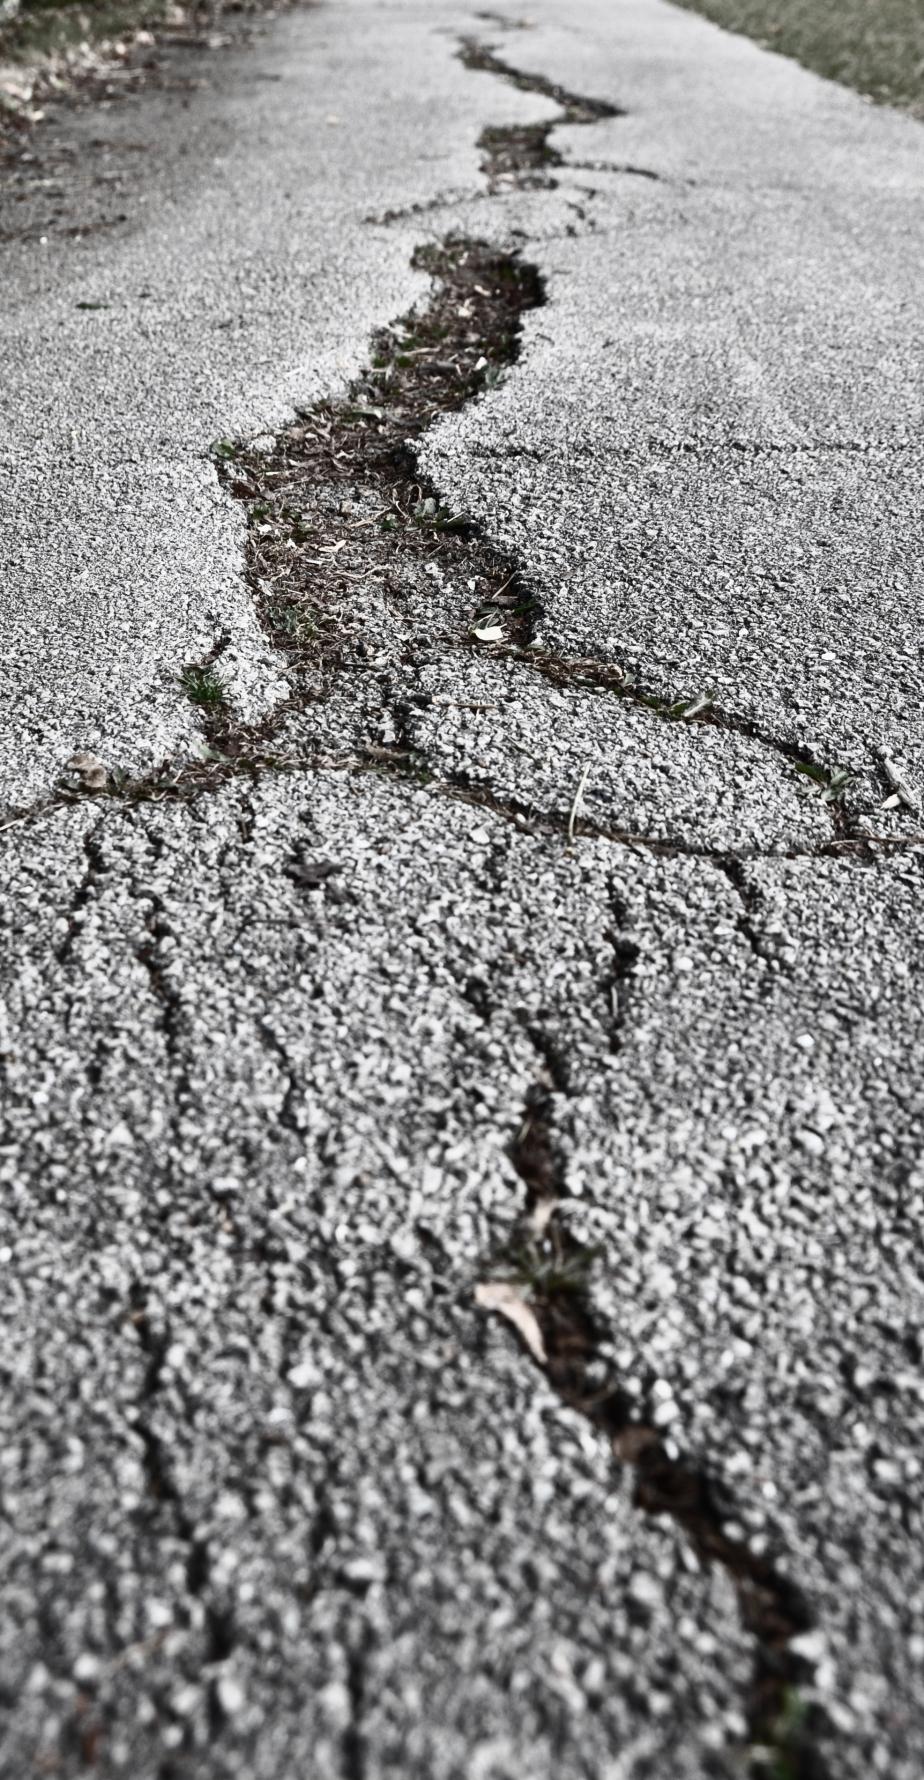 Cracks as fractals?